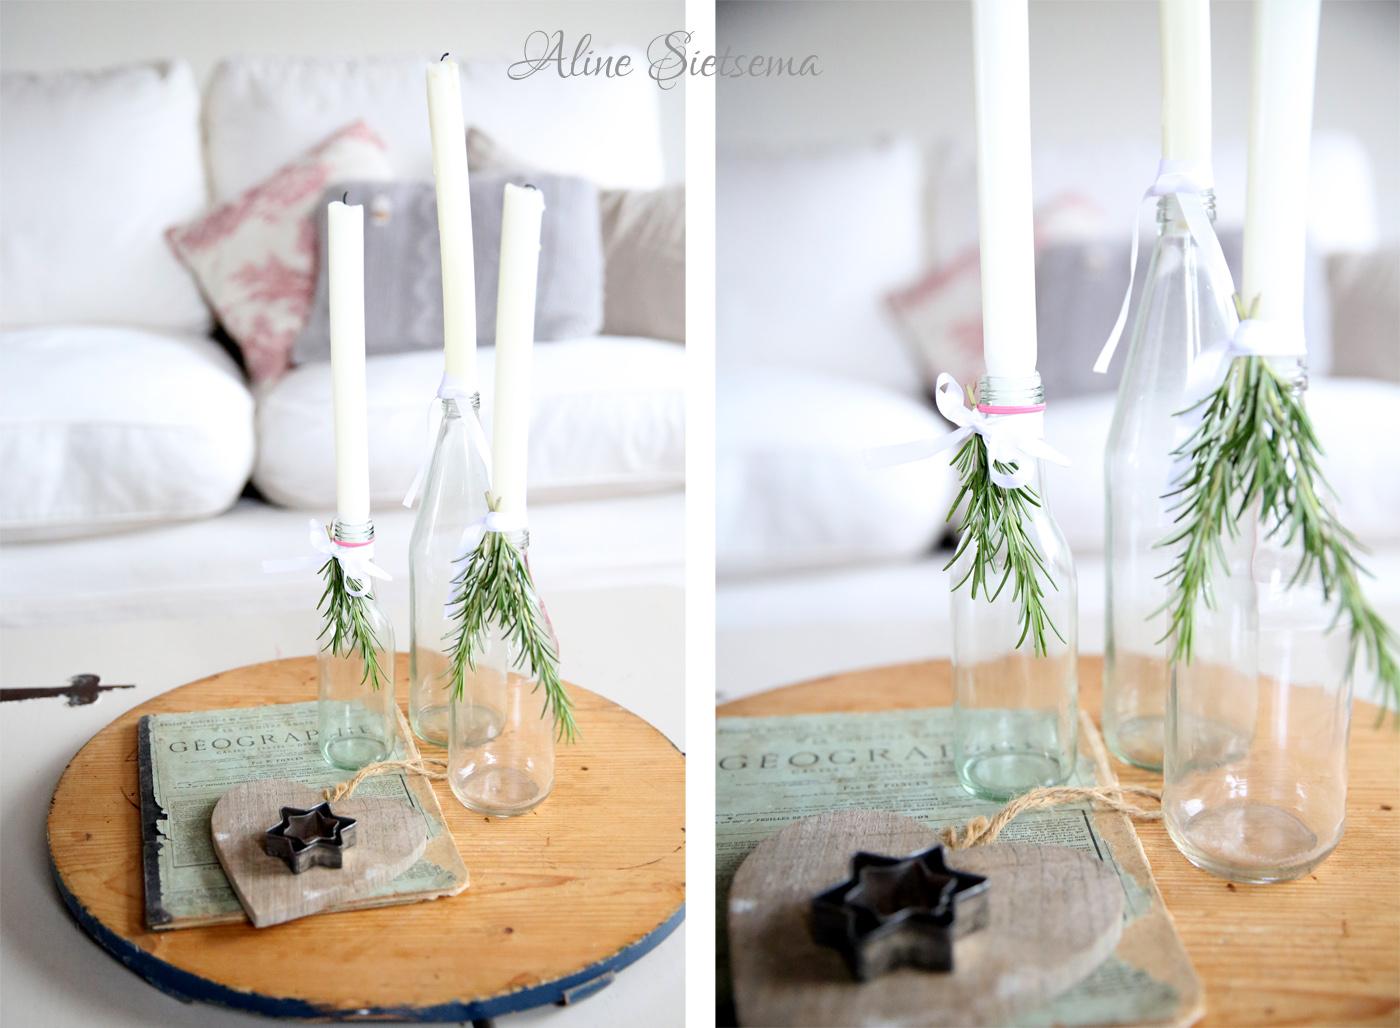 Diy archieven brocantepost blog - Ideeen van de decoratie ...